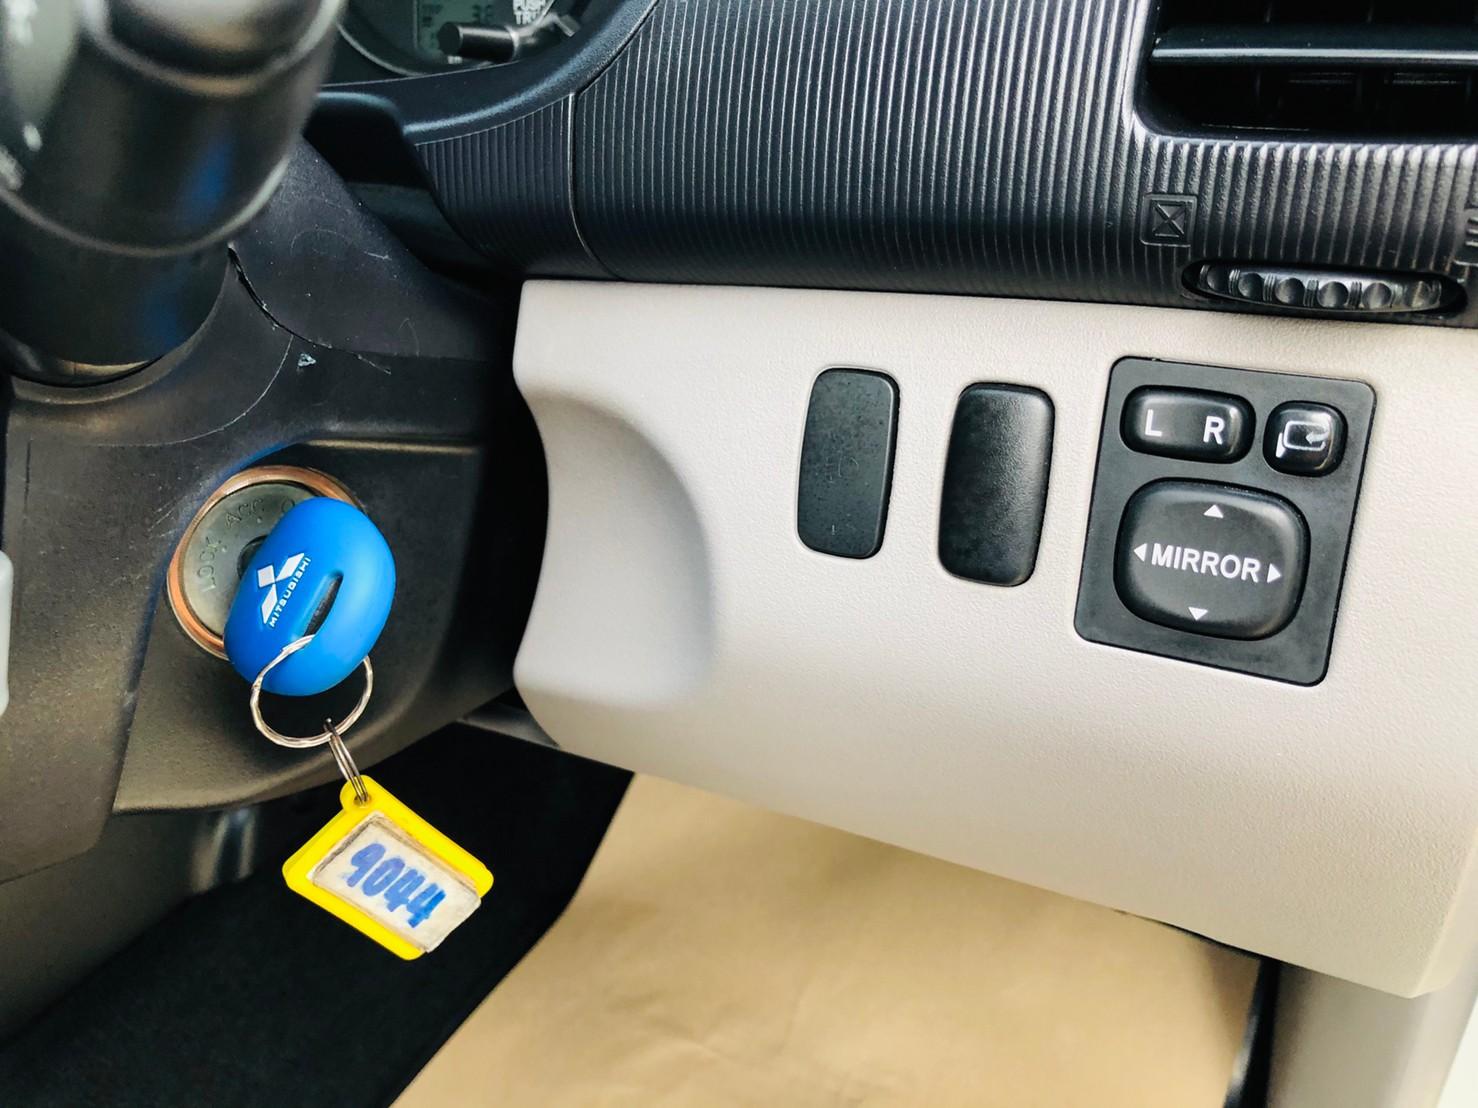 ภาพกุญแจ่ มิตซูบิชิ ปาเจโร่ สปอร์ต 2.5 GT Navi 2WD ปี 2014